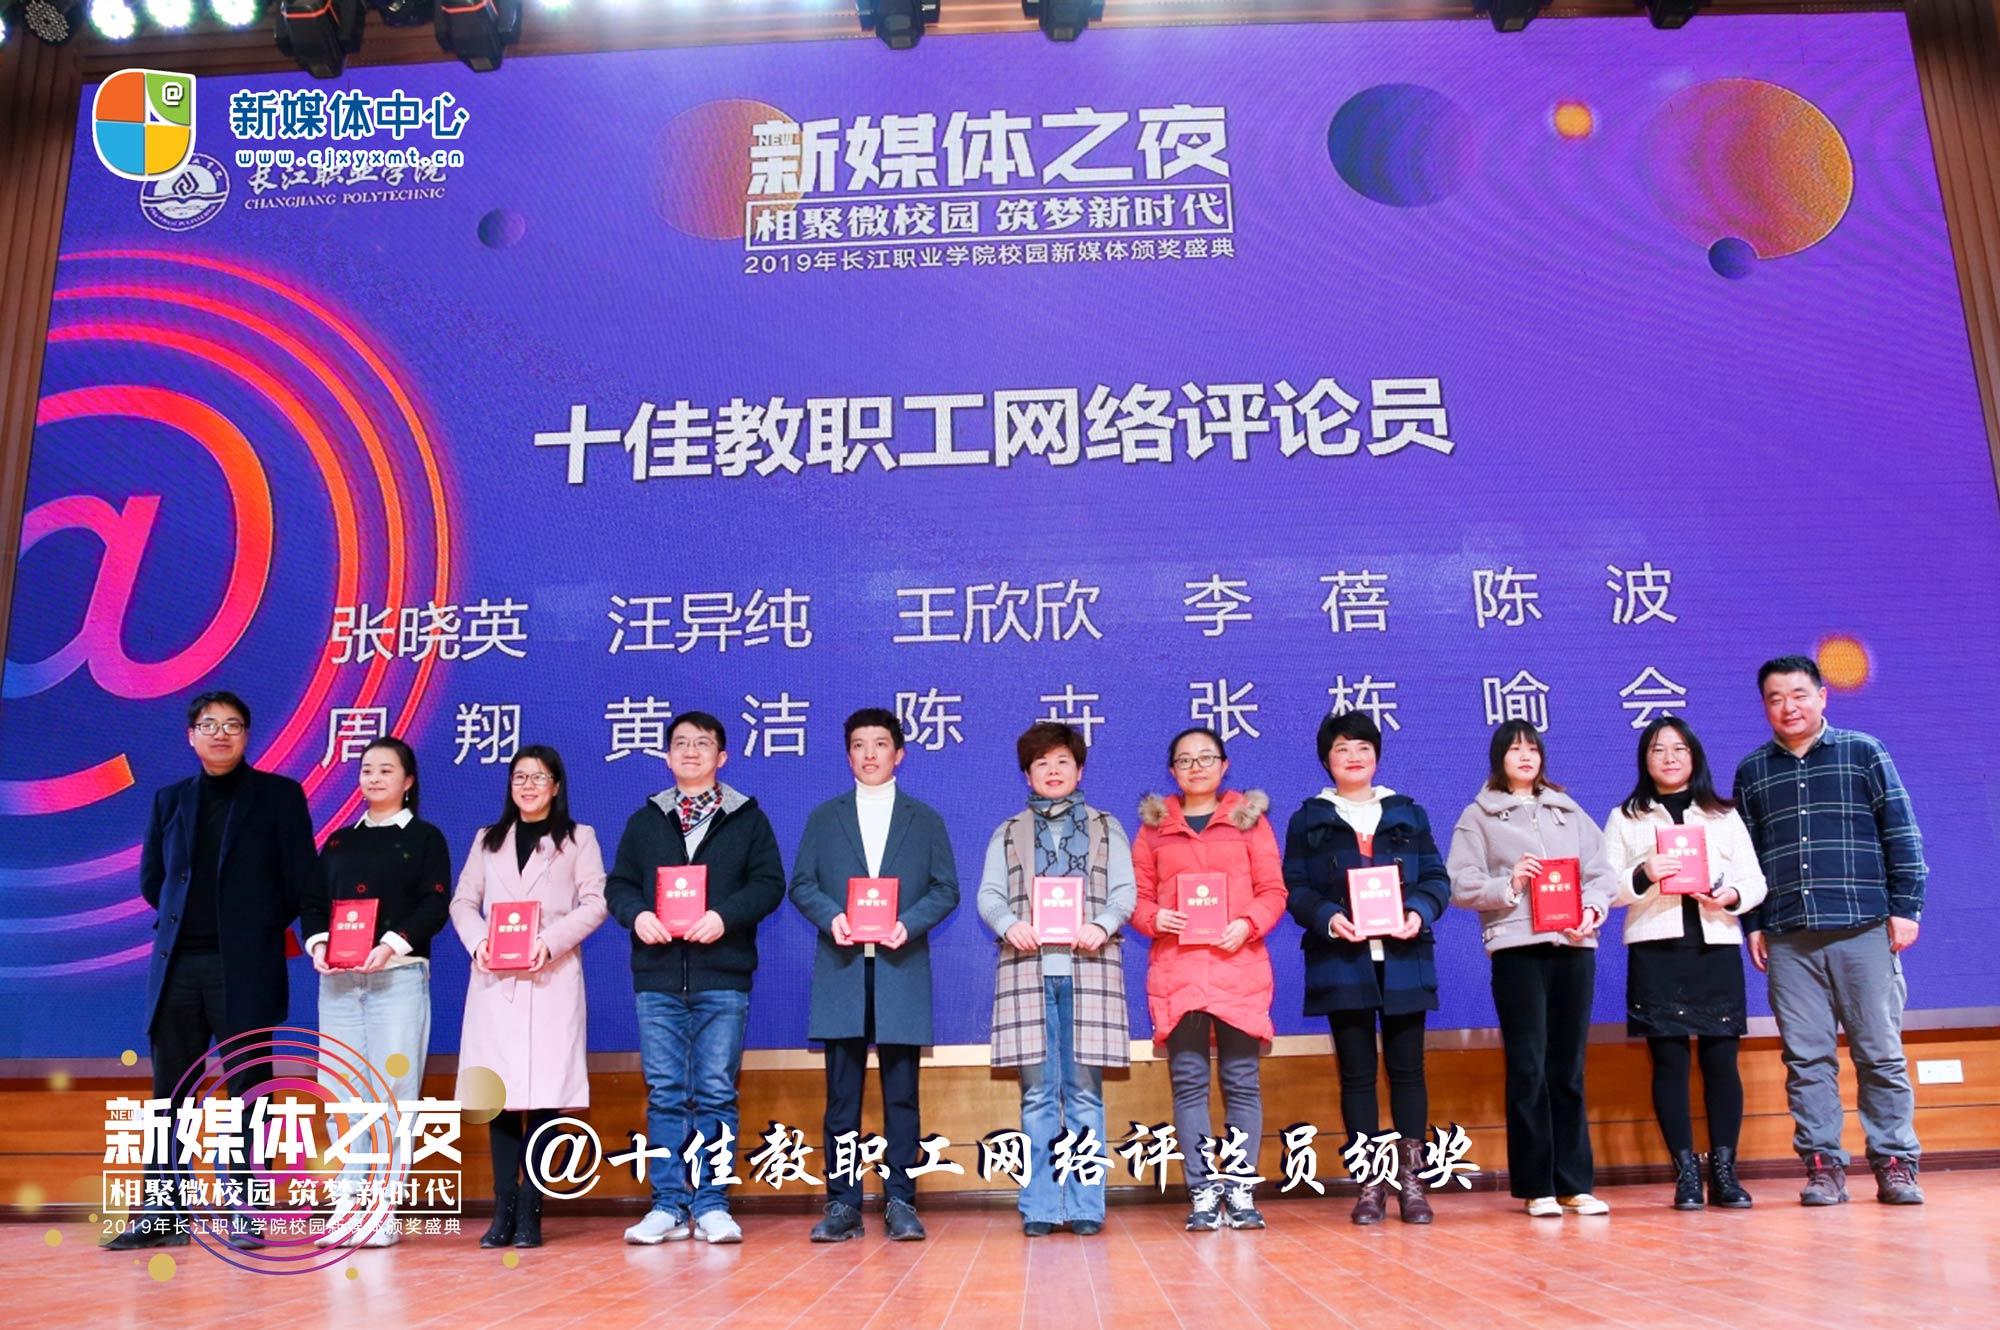 流程21  颁奖十佳教职工网络评论员